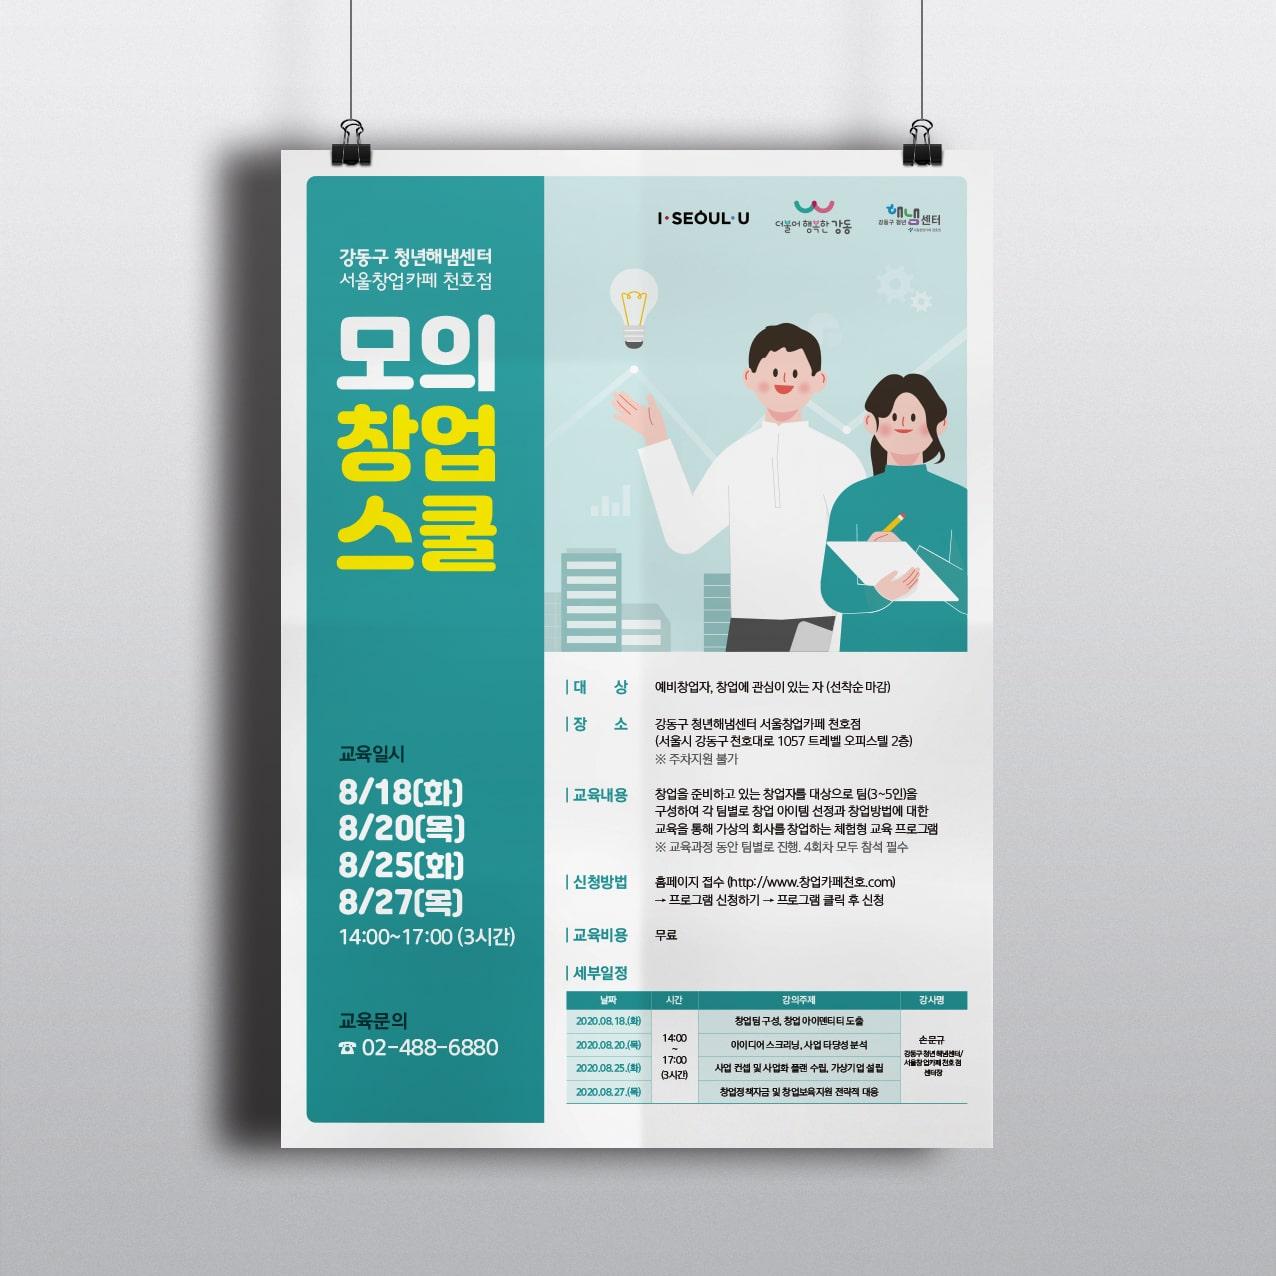 강동모의창업스쿨 포스터 디자인 시안 - 강동구청년해냄센터